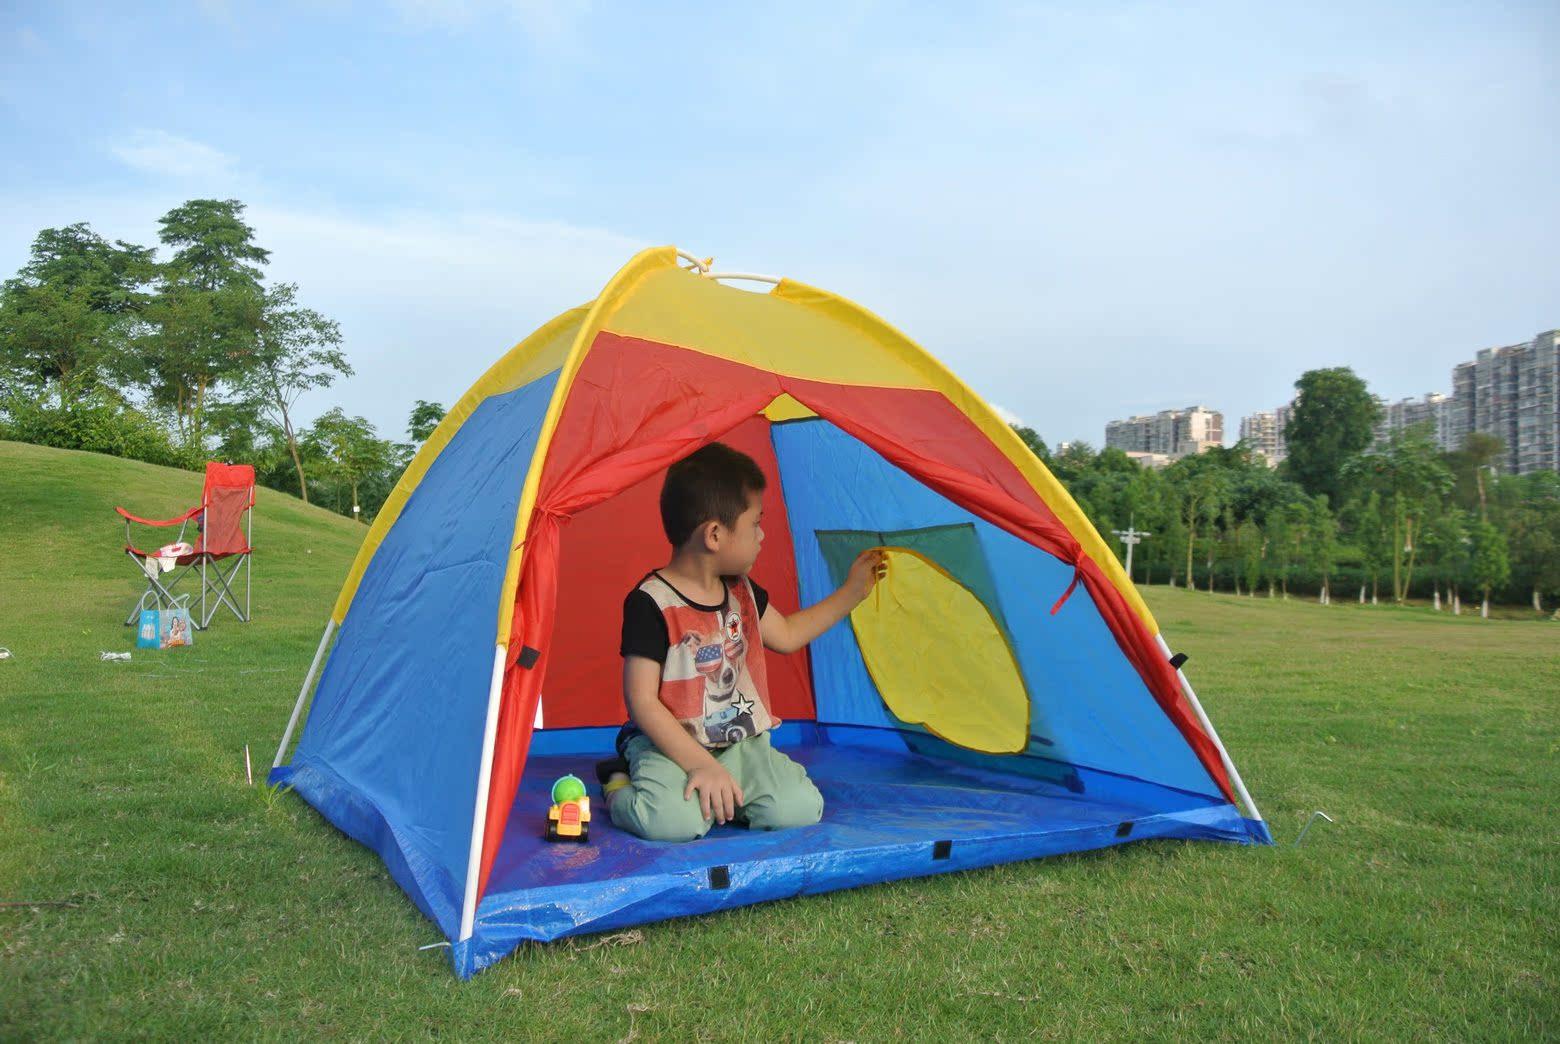 На открытом воздухе ребенок палатка , игра дом палатка , ребенок развлечения небольшой палатка